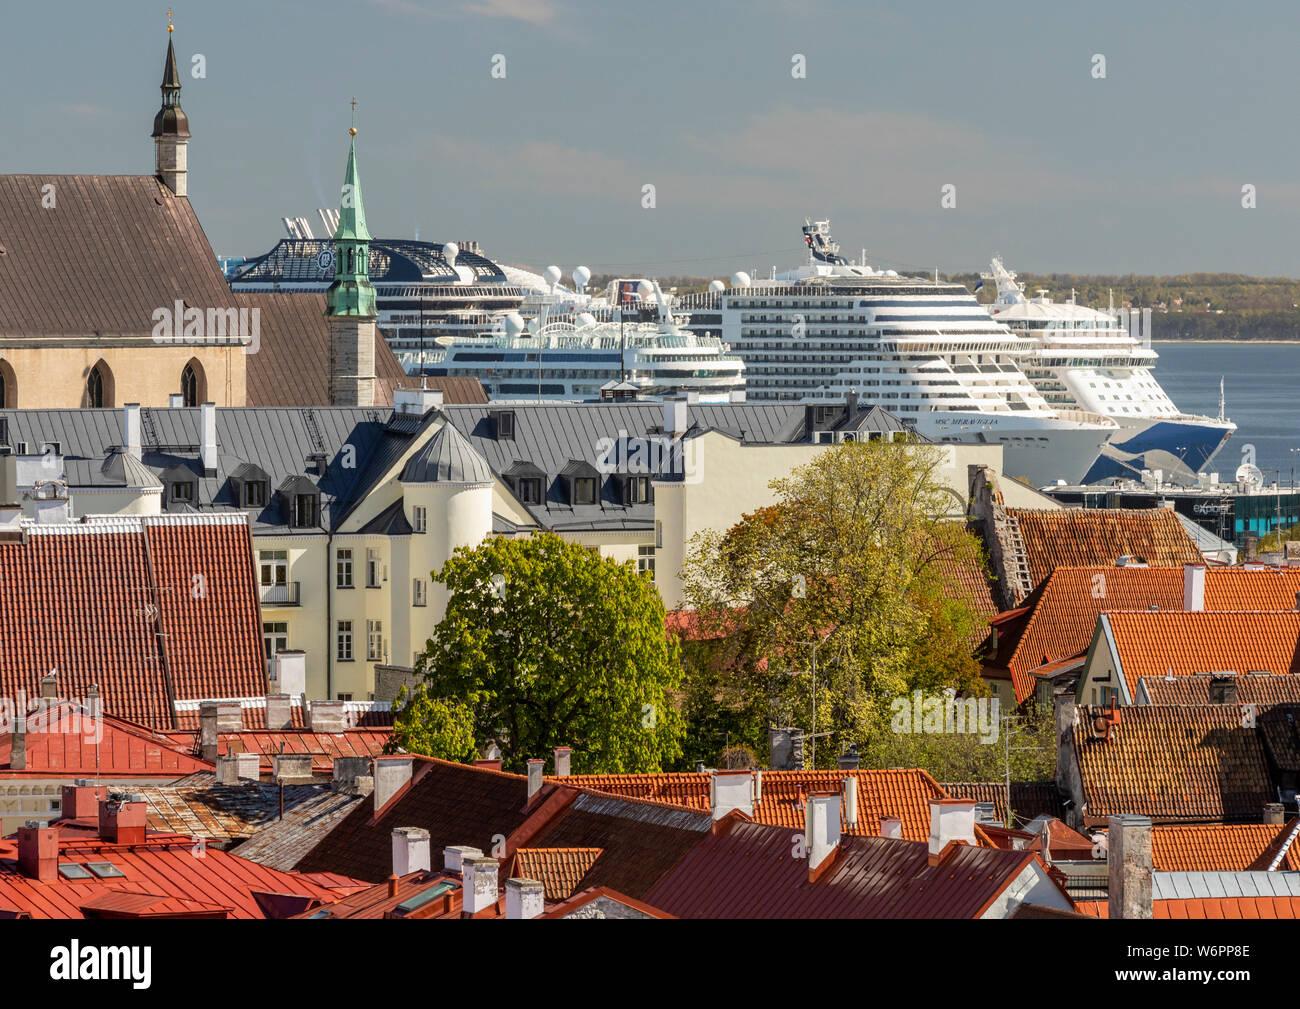 Vista del casco antiguo de la ciudad y crucero del Báltico los barcos atracados en el puerto desde el punto de vista Kohuotsa, Tallin, Estonia Foto de stock